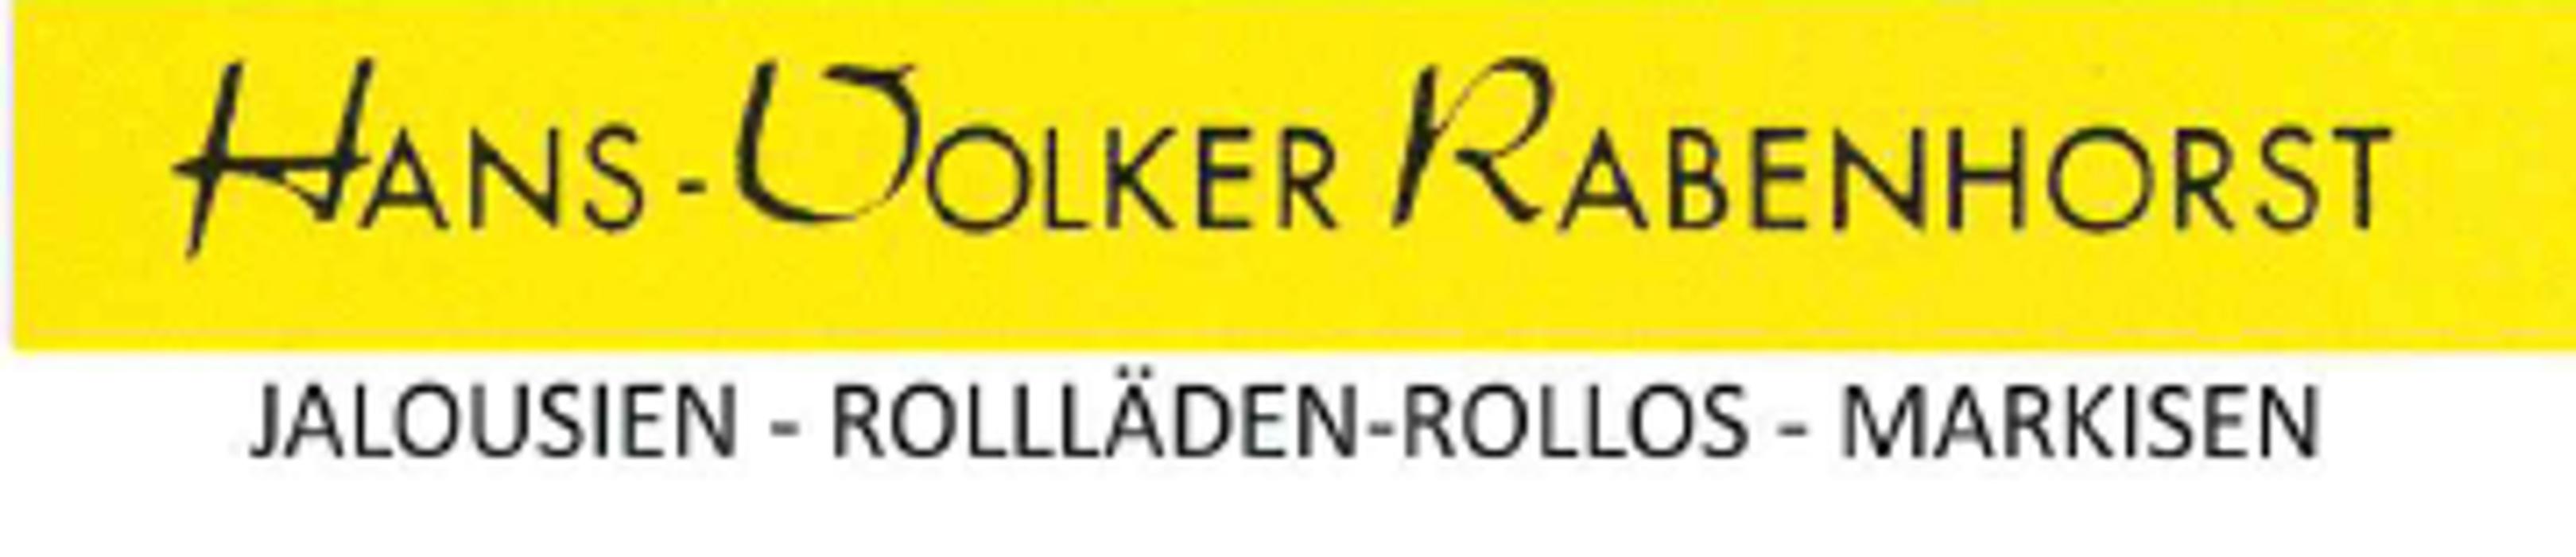 Bild zu Hans-Volker Rabenhorst-Jalousien Inhaber: Viola Rabenhorst-Zichner in Berlin